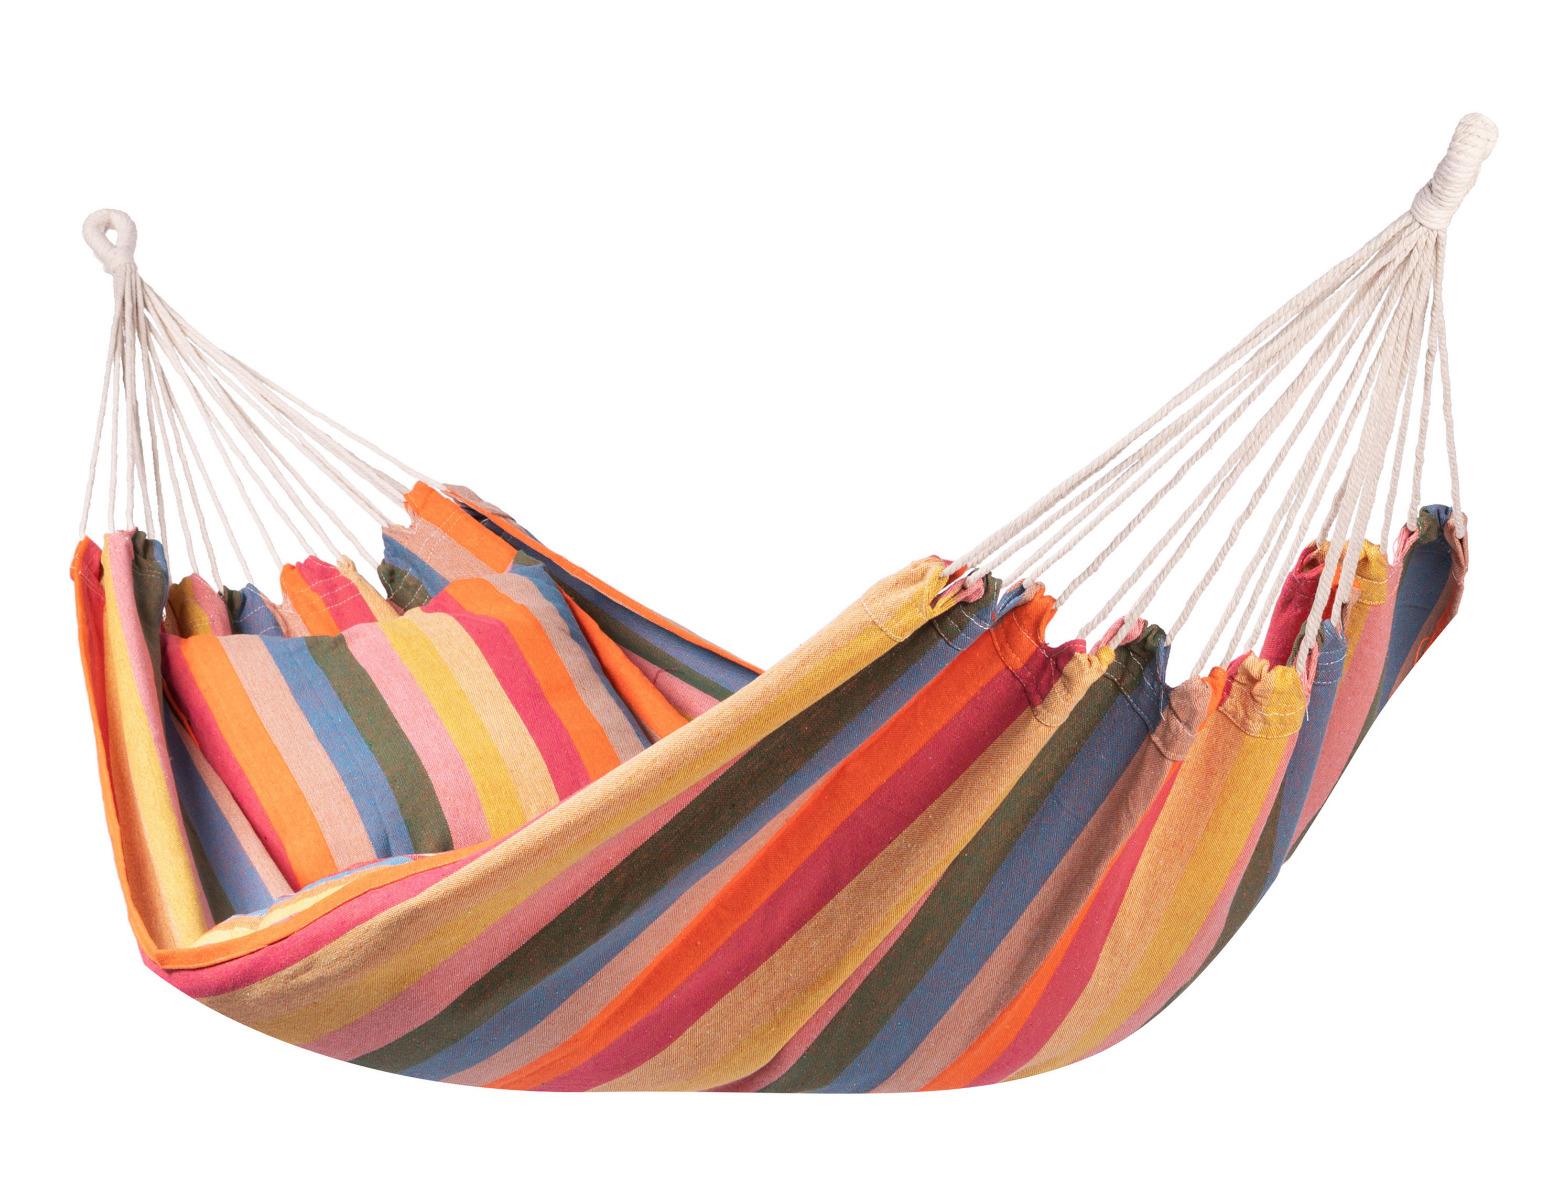 'Gomera' Double Tweepersoons Hangmat - Veelkleurig - 123 Hammock